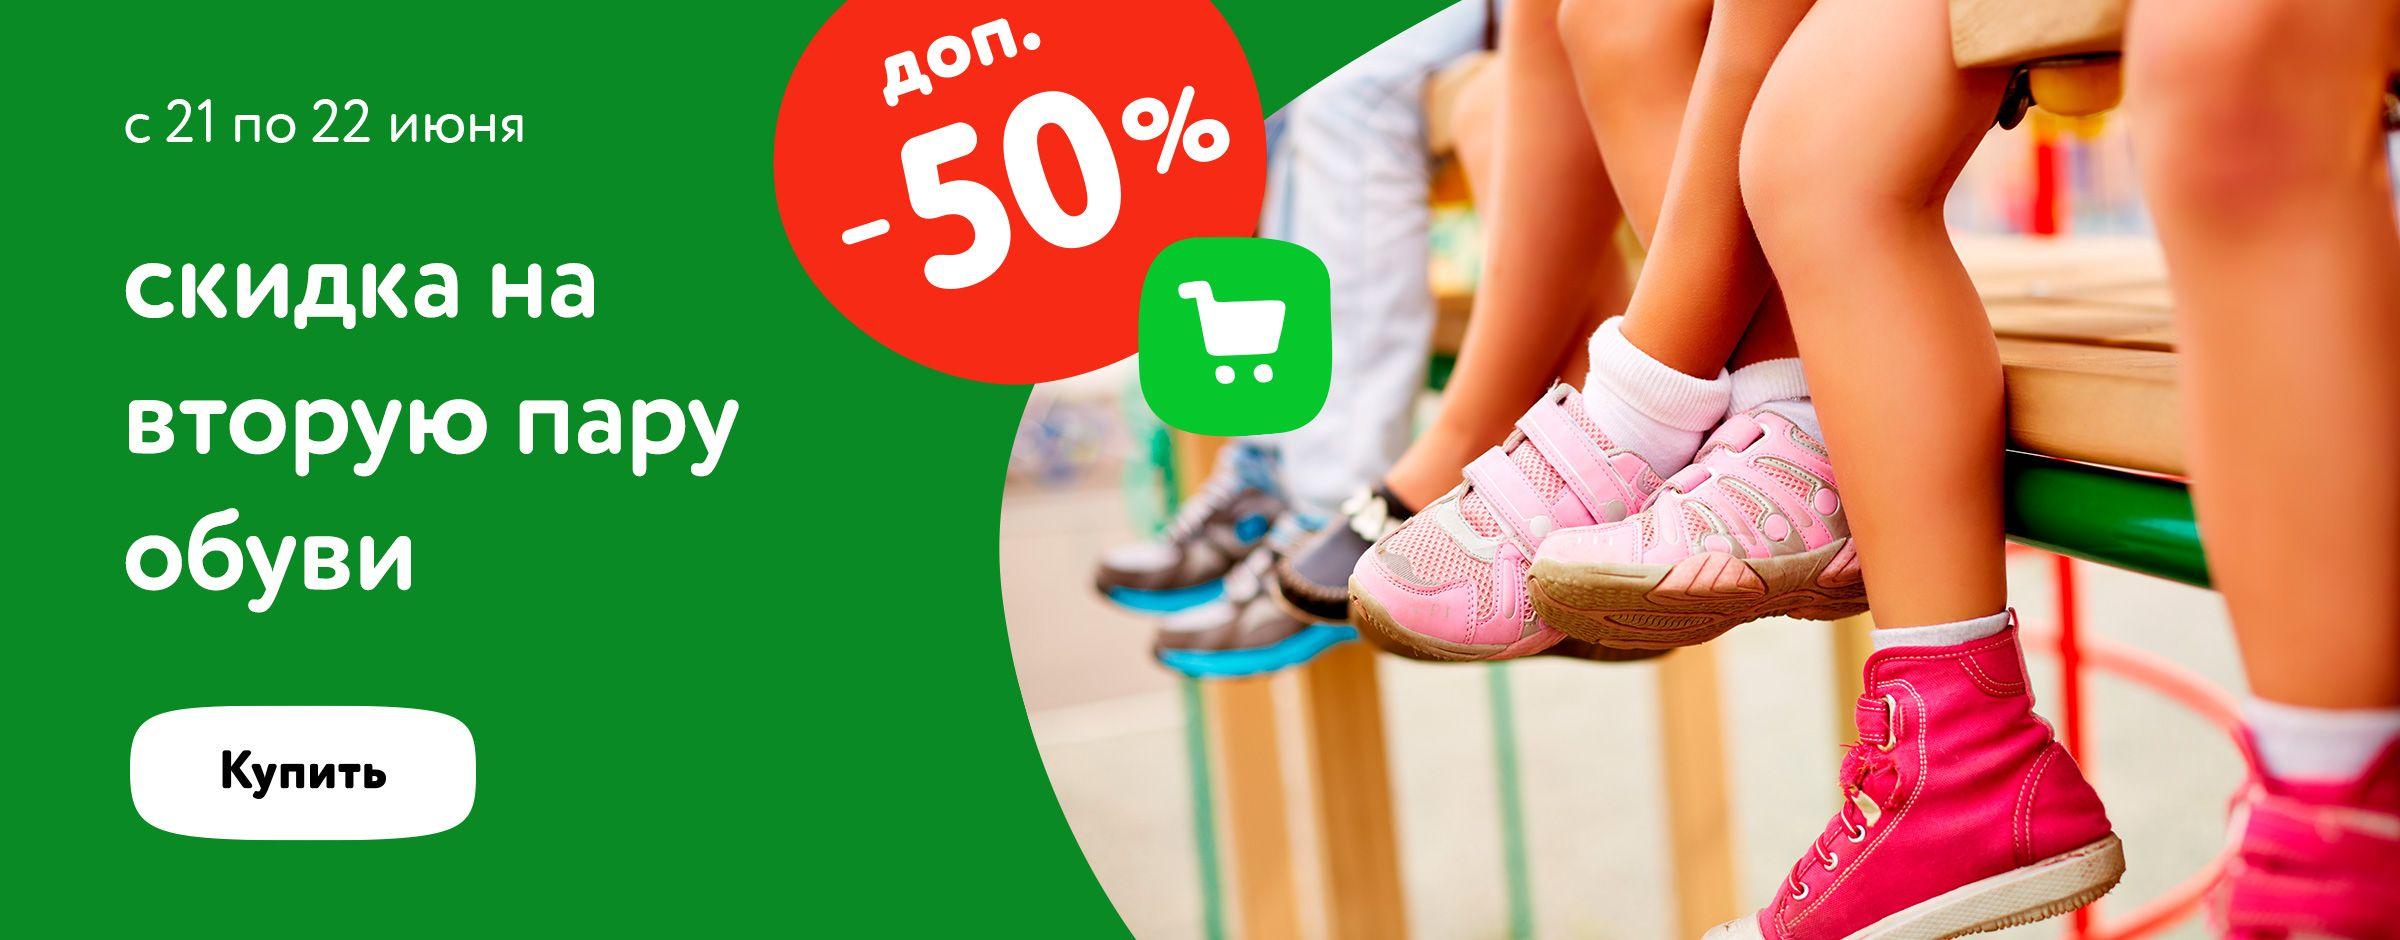 -50% на вторую пару обуви статика + категория